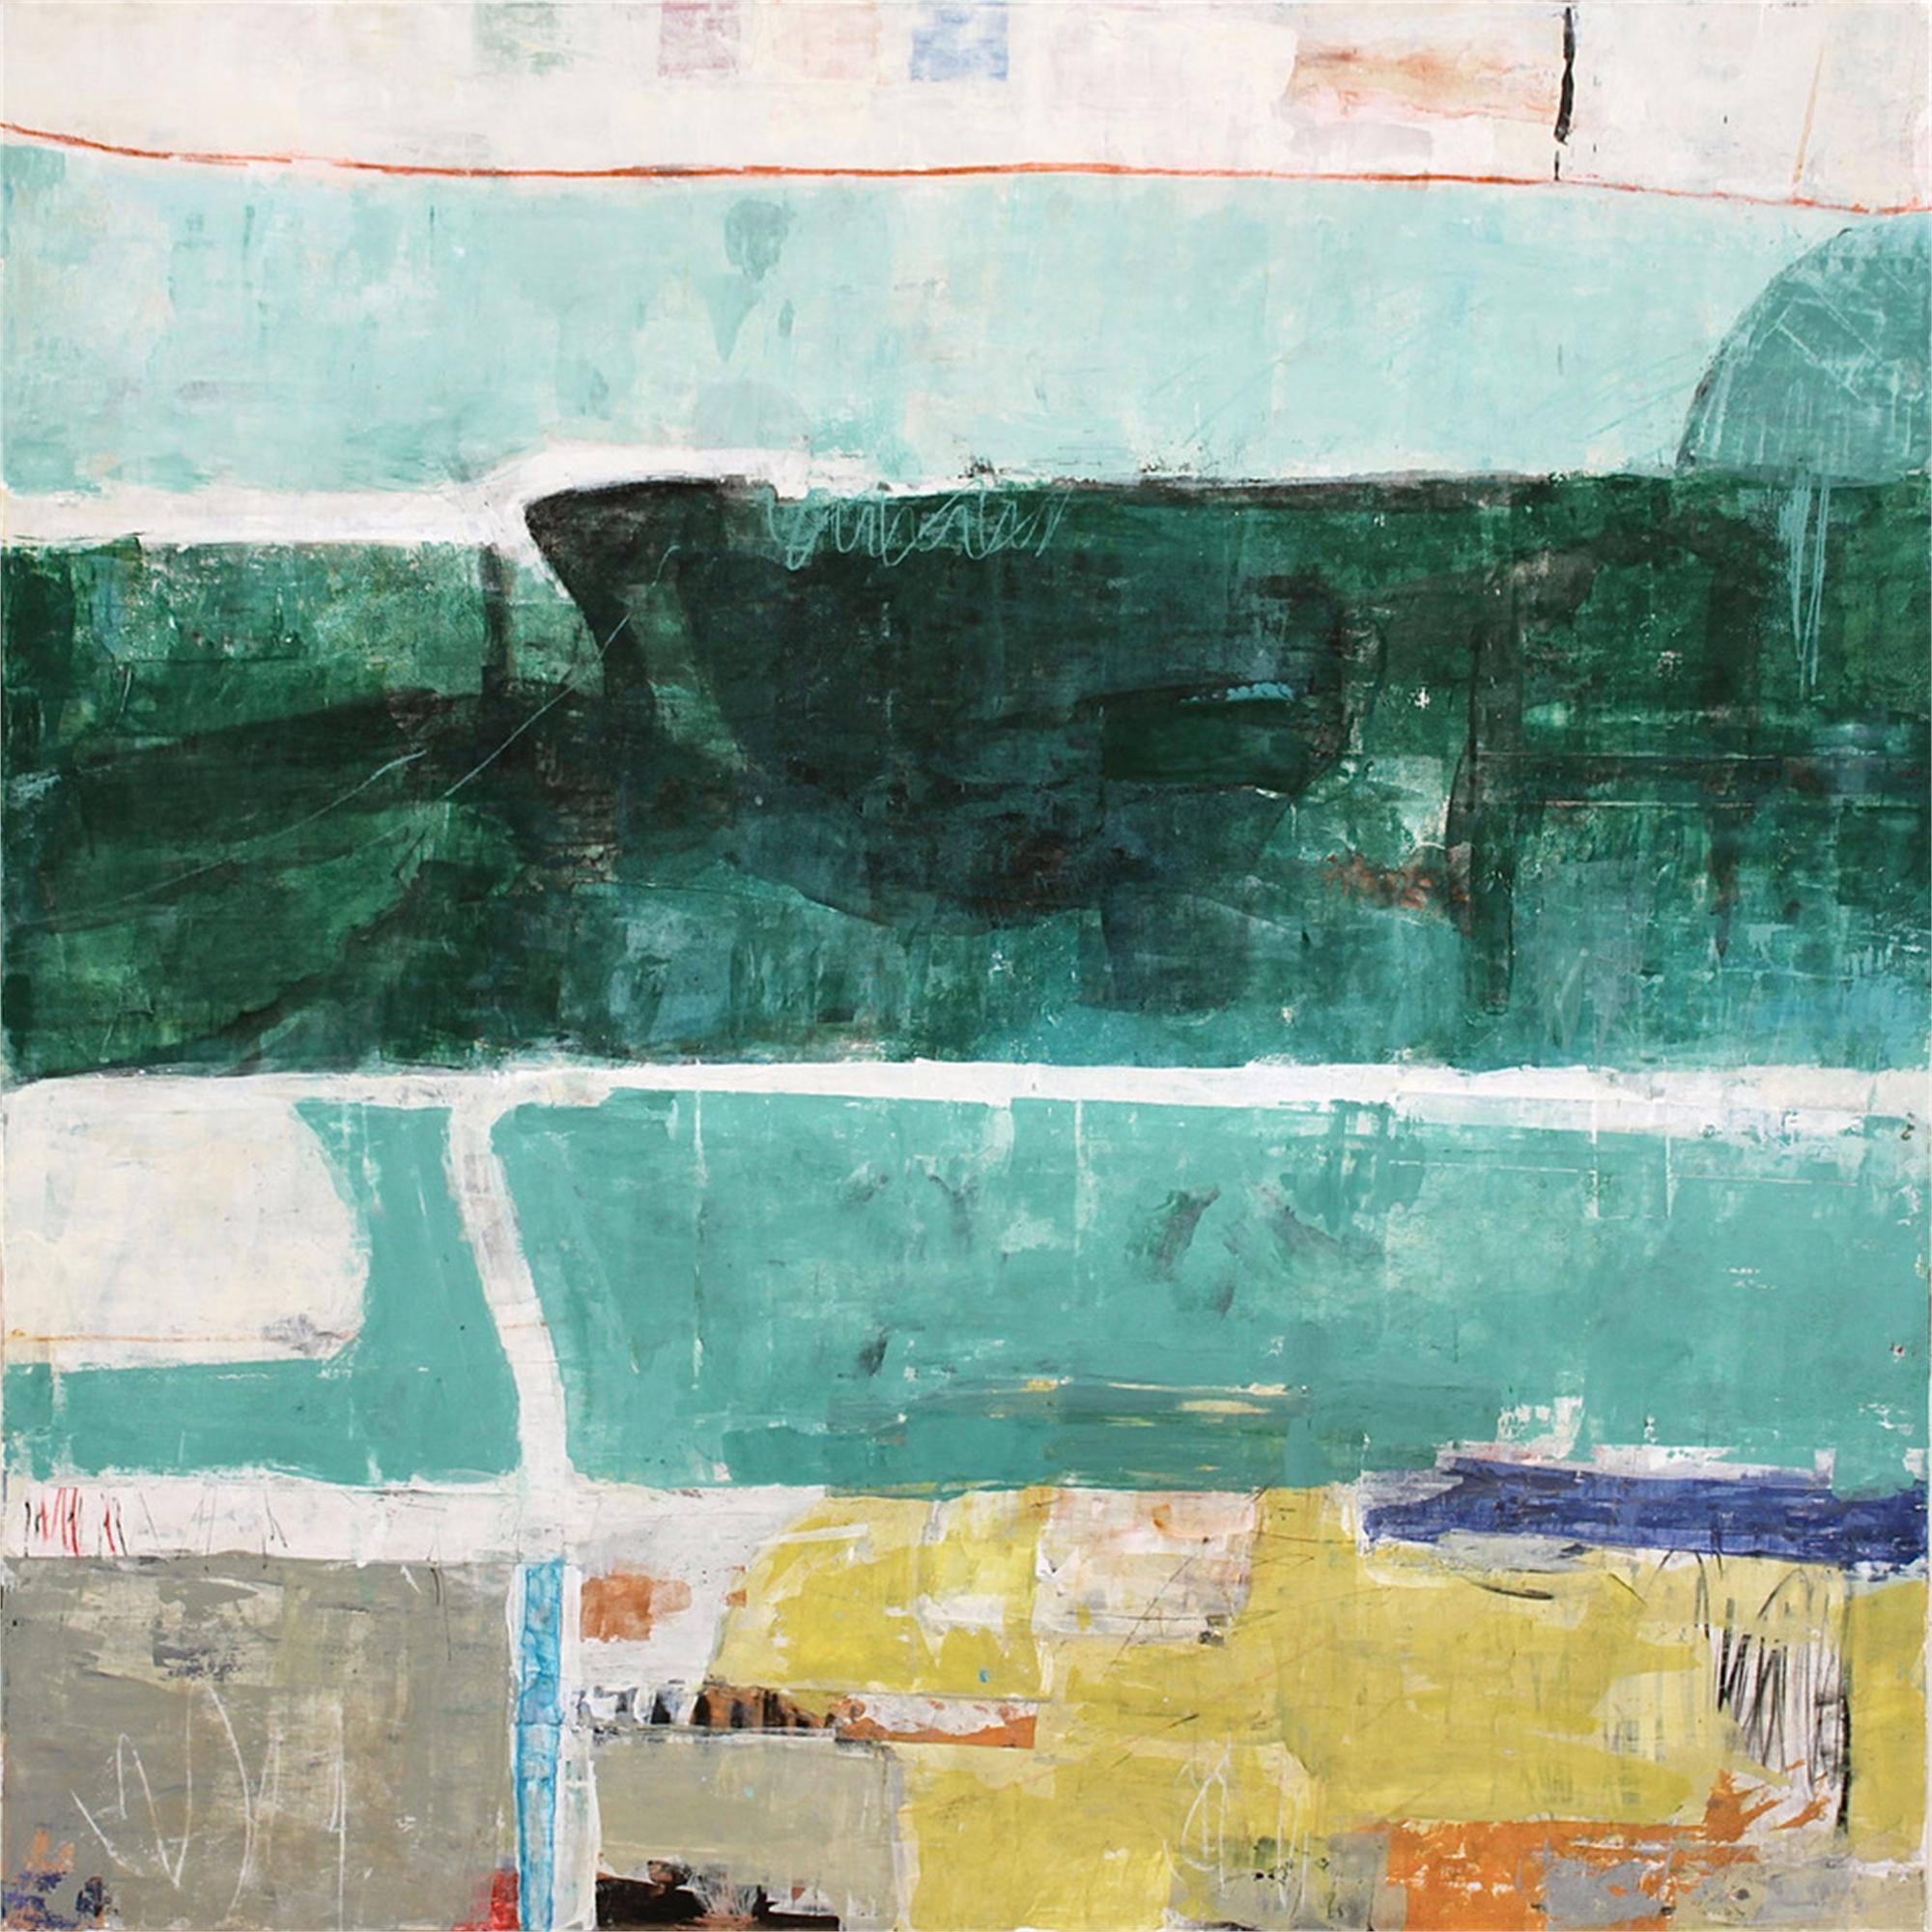 Tiderays by Paul Brigham